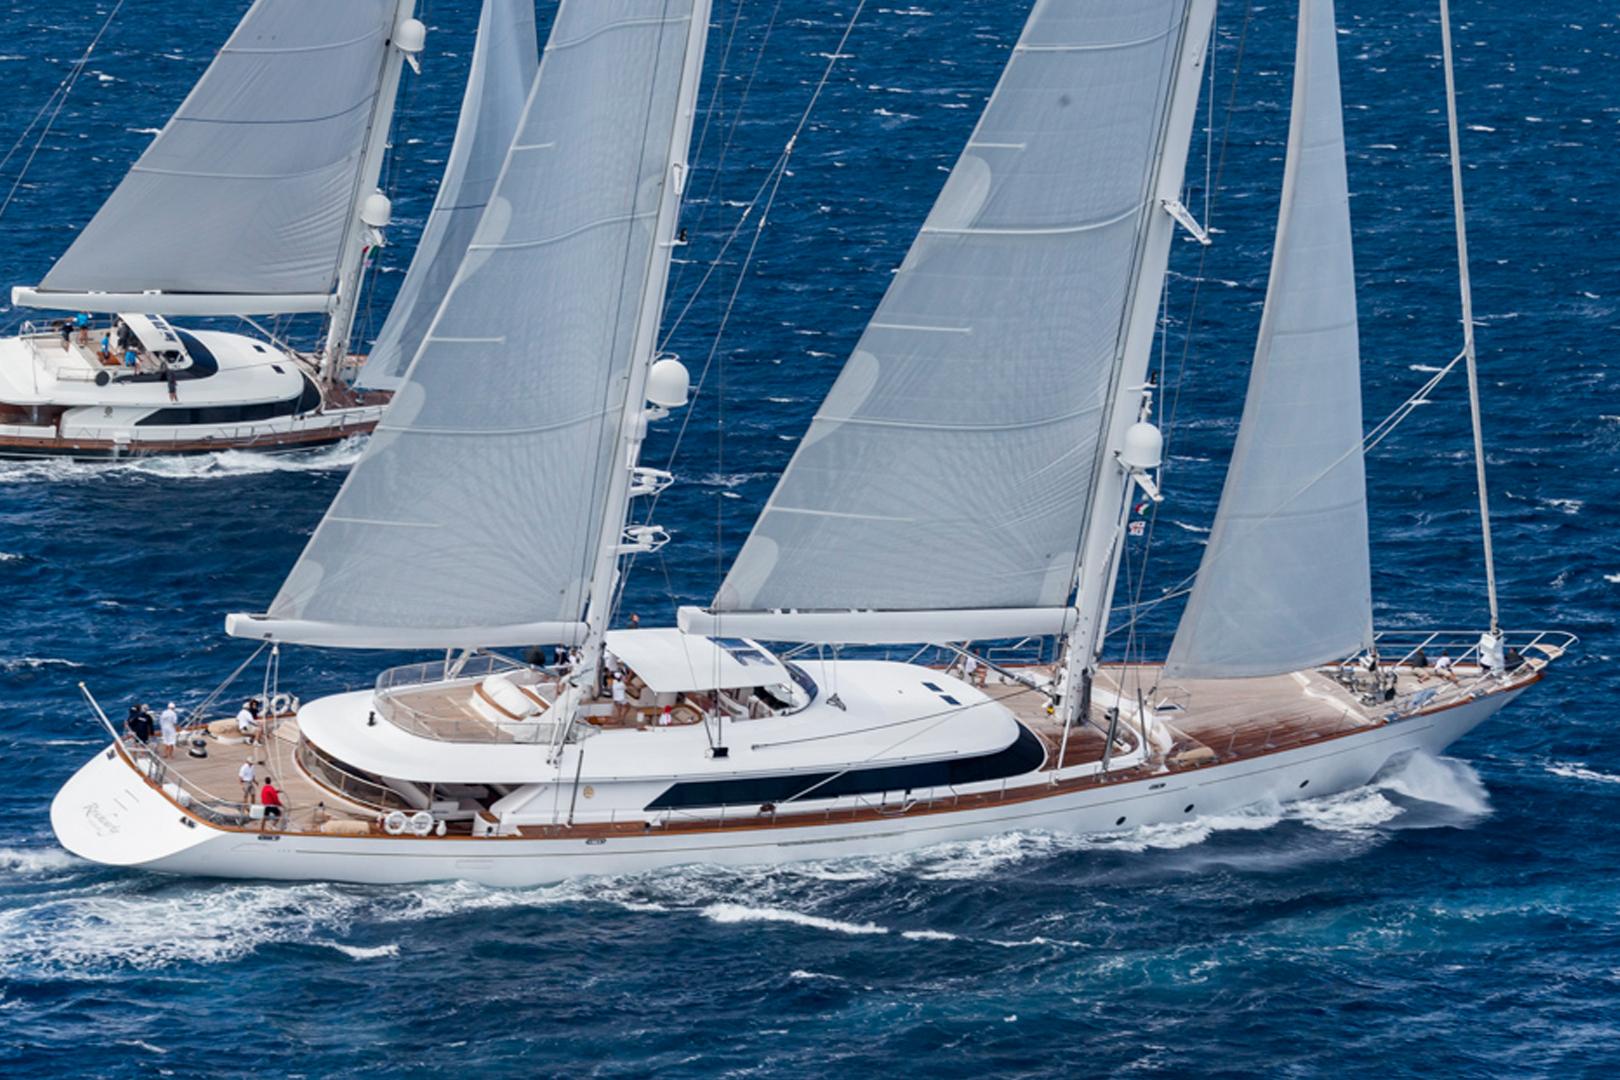 sailing-gallery-racing-2.jpg